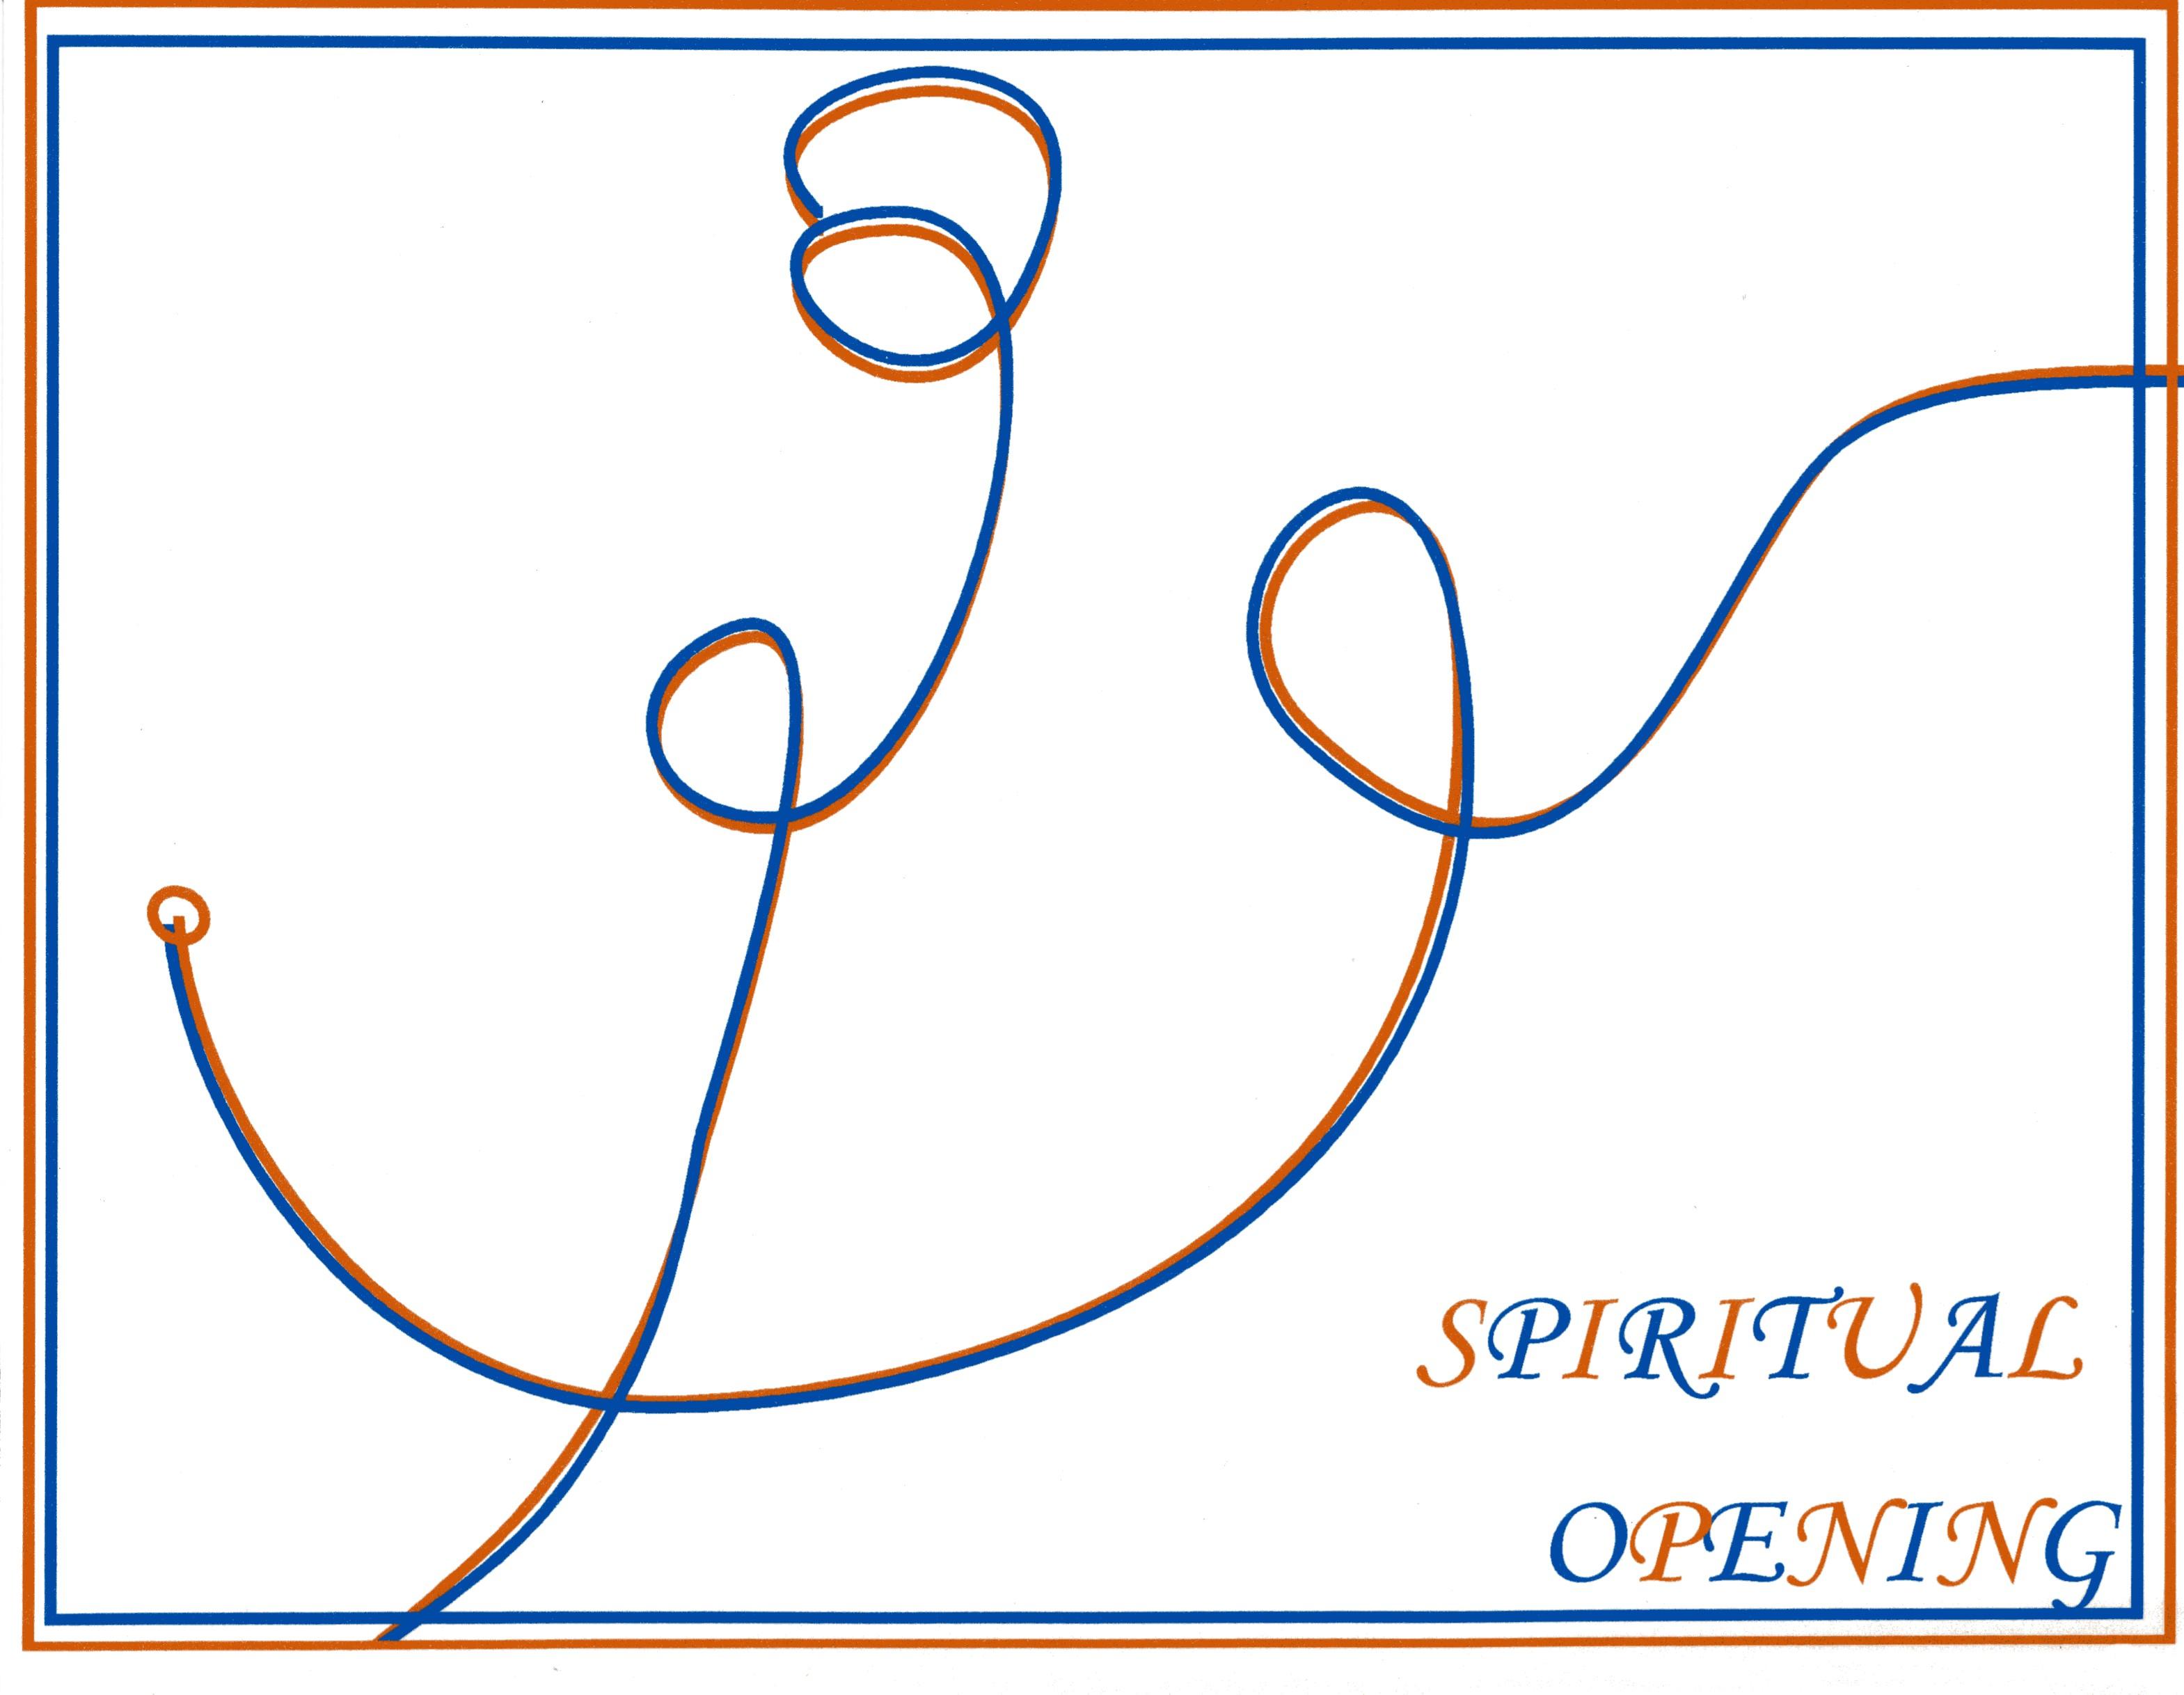 spiritualopening2